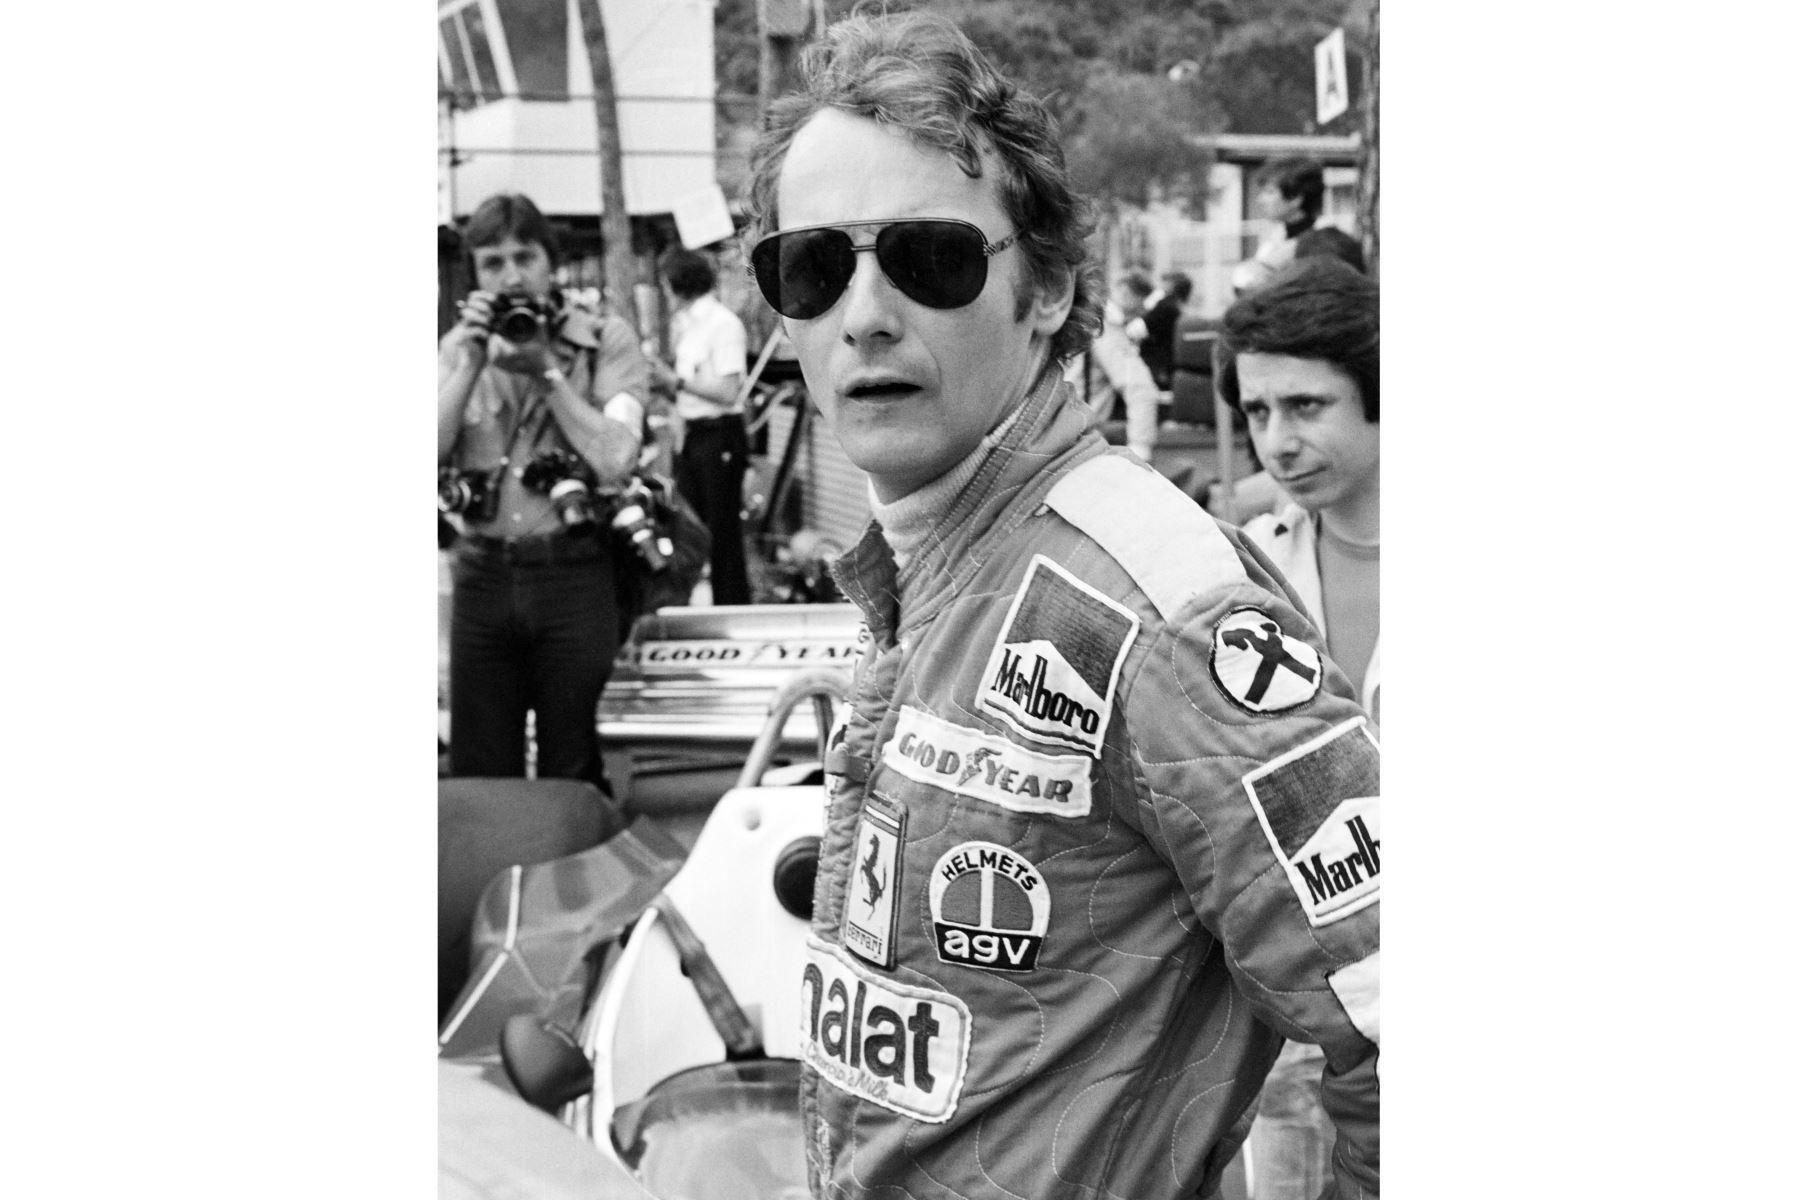 El piloto austriaco de Fórmula 1 de Ferrari y campeón del mundo, Niki Lauda, en el circuito de Mónaco el 27 de mayo de 1976 durante una sesión de entrenamiento del 34º Gran Premio de Fórmula Uno. Foto: AFP